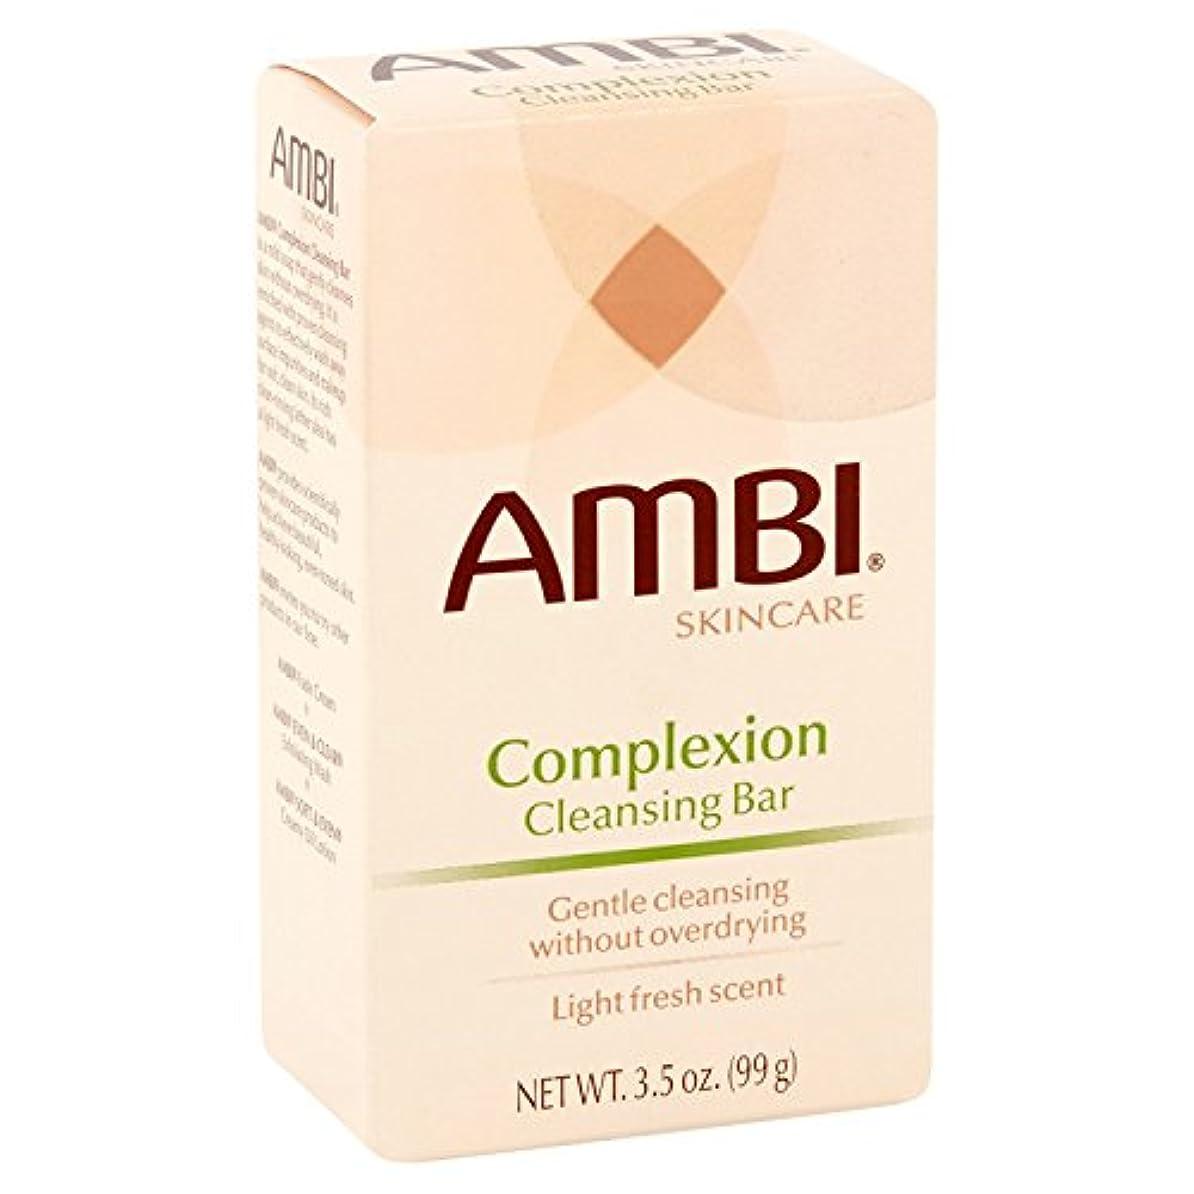 メルボルン大使館ばかAMBI クレンジング石鹸Complextion 3.5Oz(2パック)